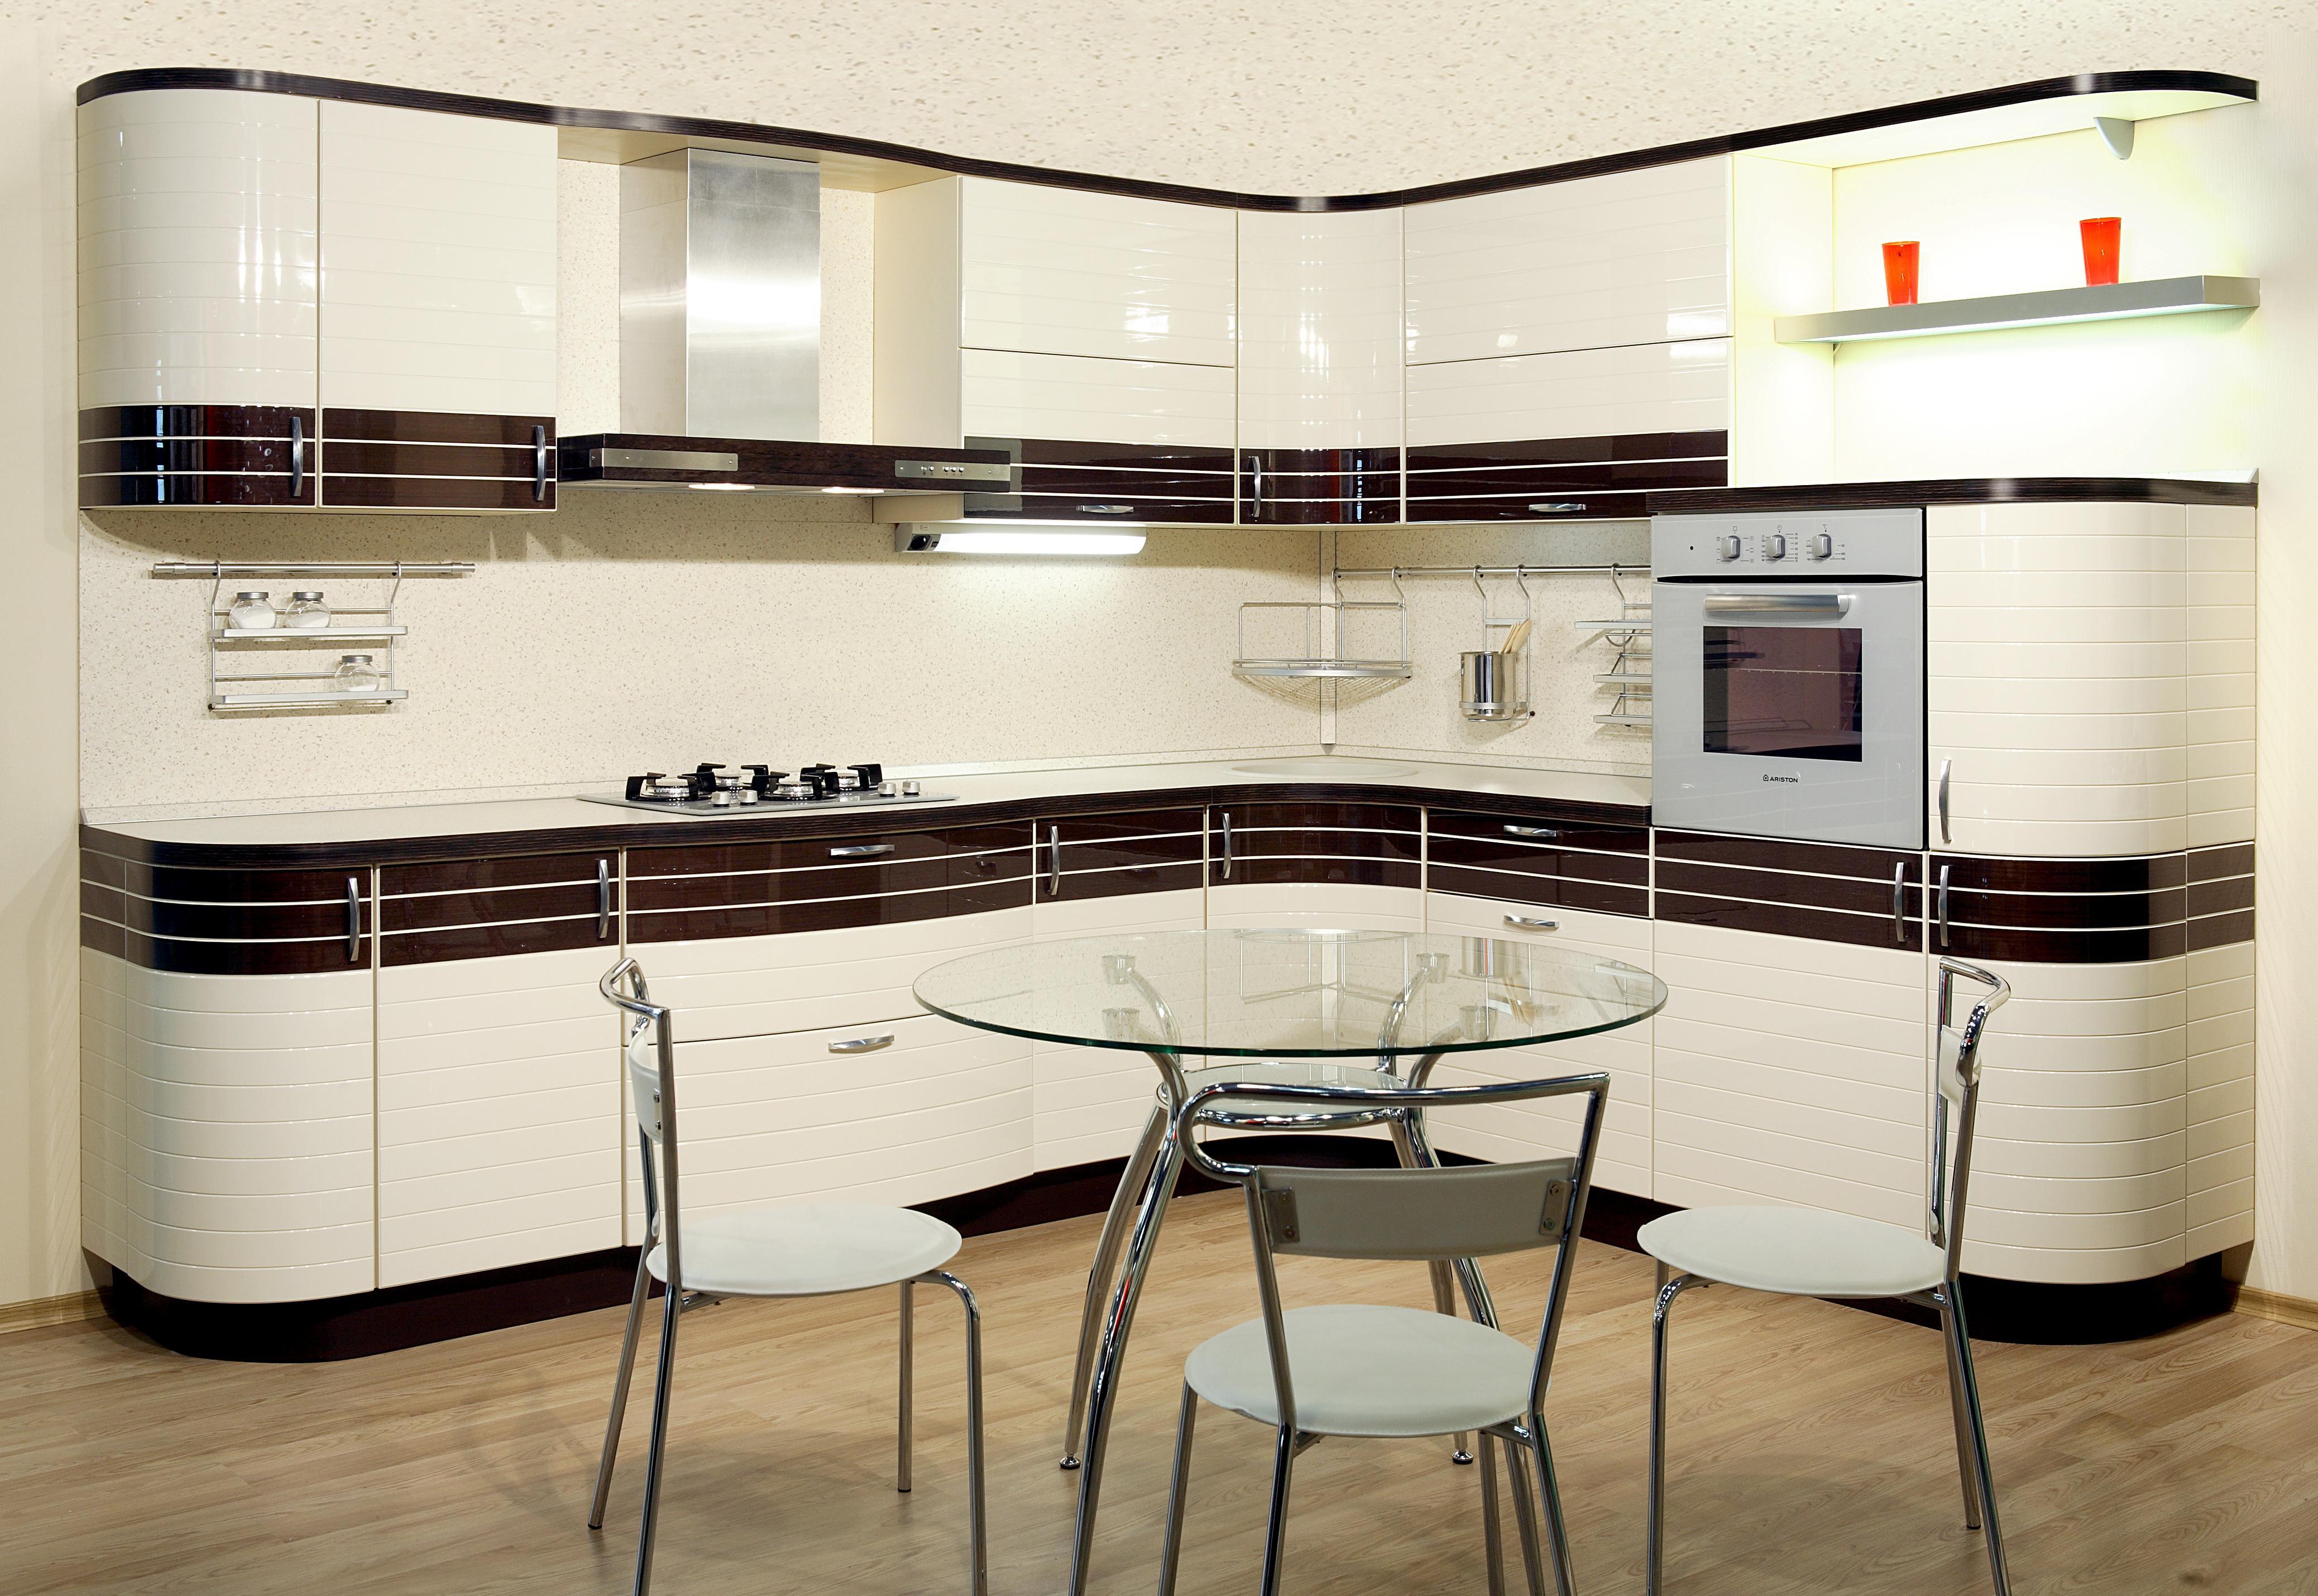 Фото каталог мебели для кухни: тут и угловые и маленькие и белые и черные к